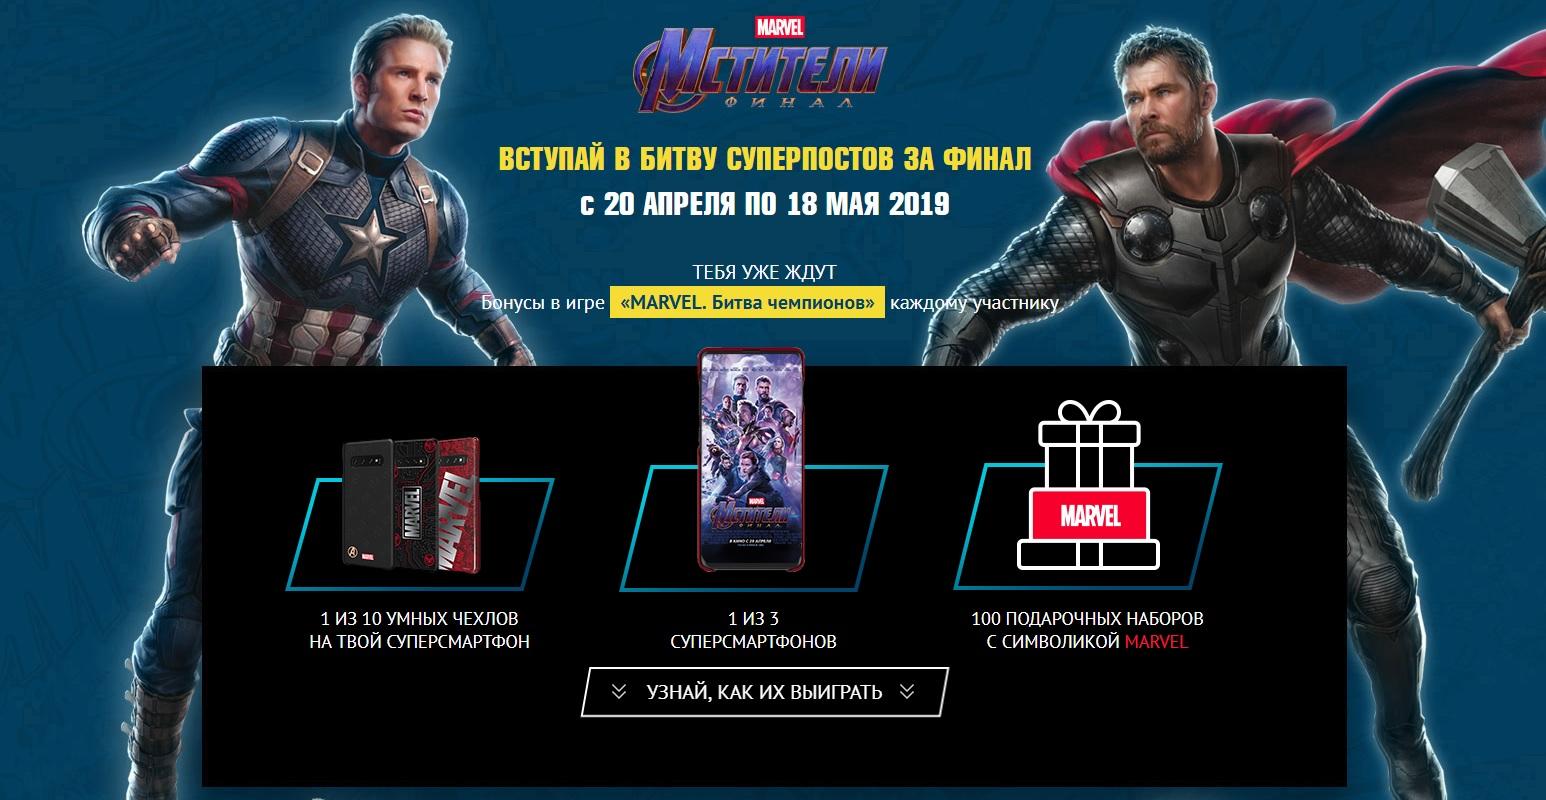 marvel.com.ru регистрация в конкурсе в 2019 году